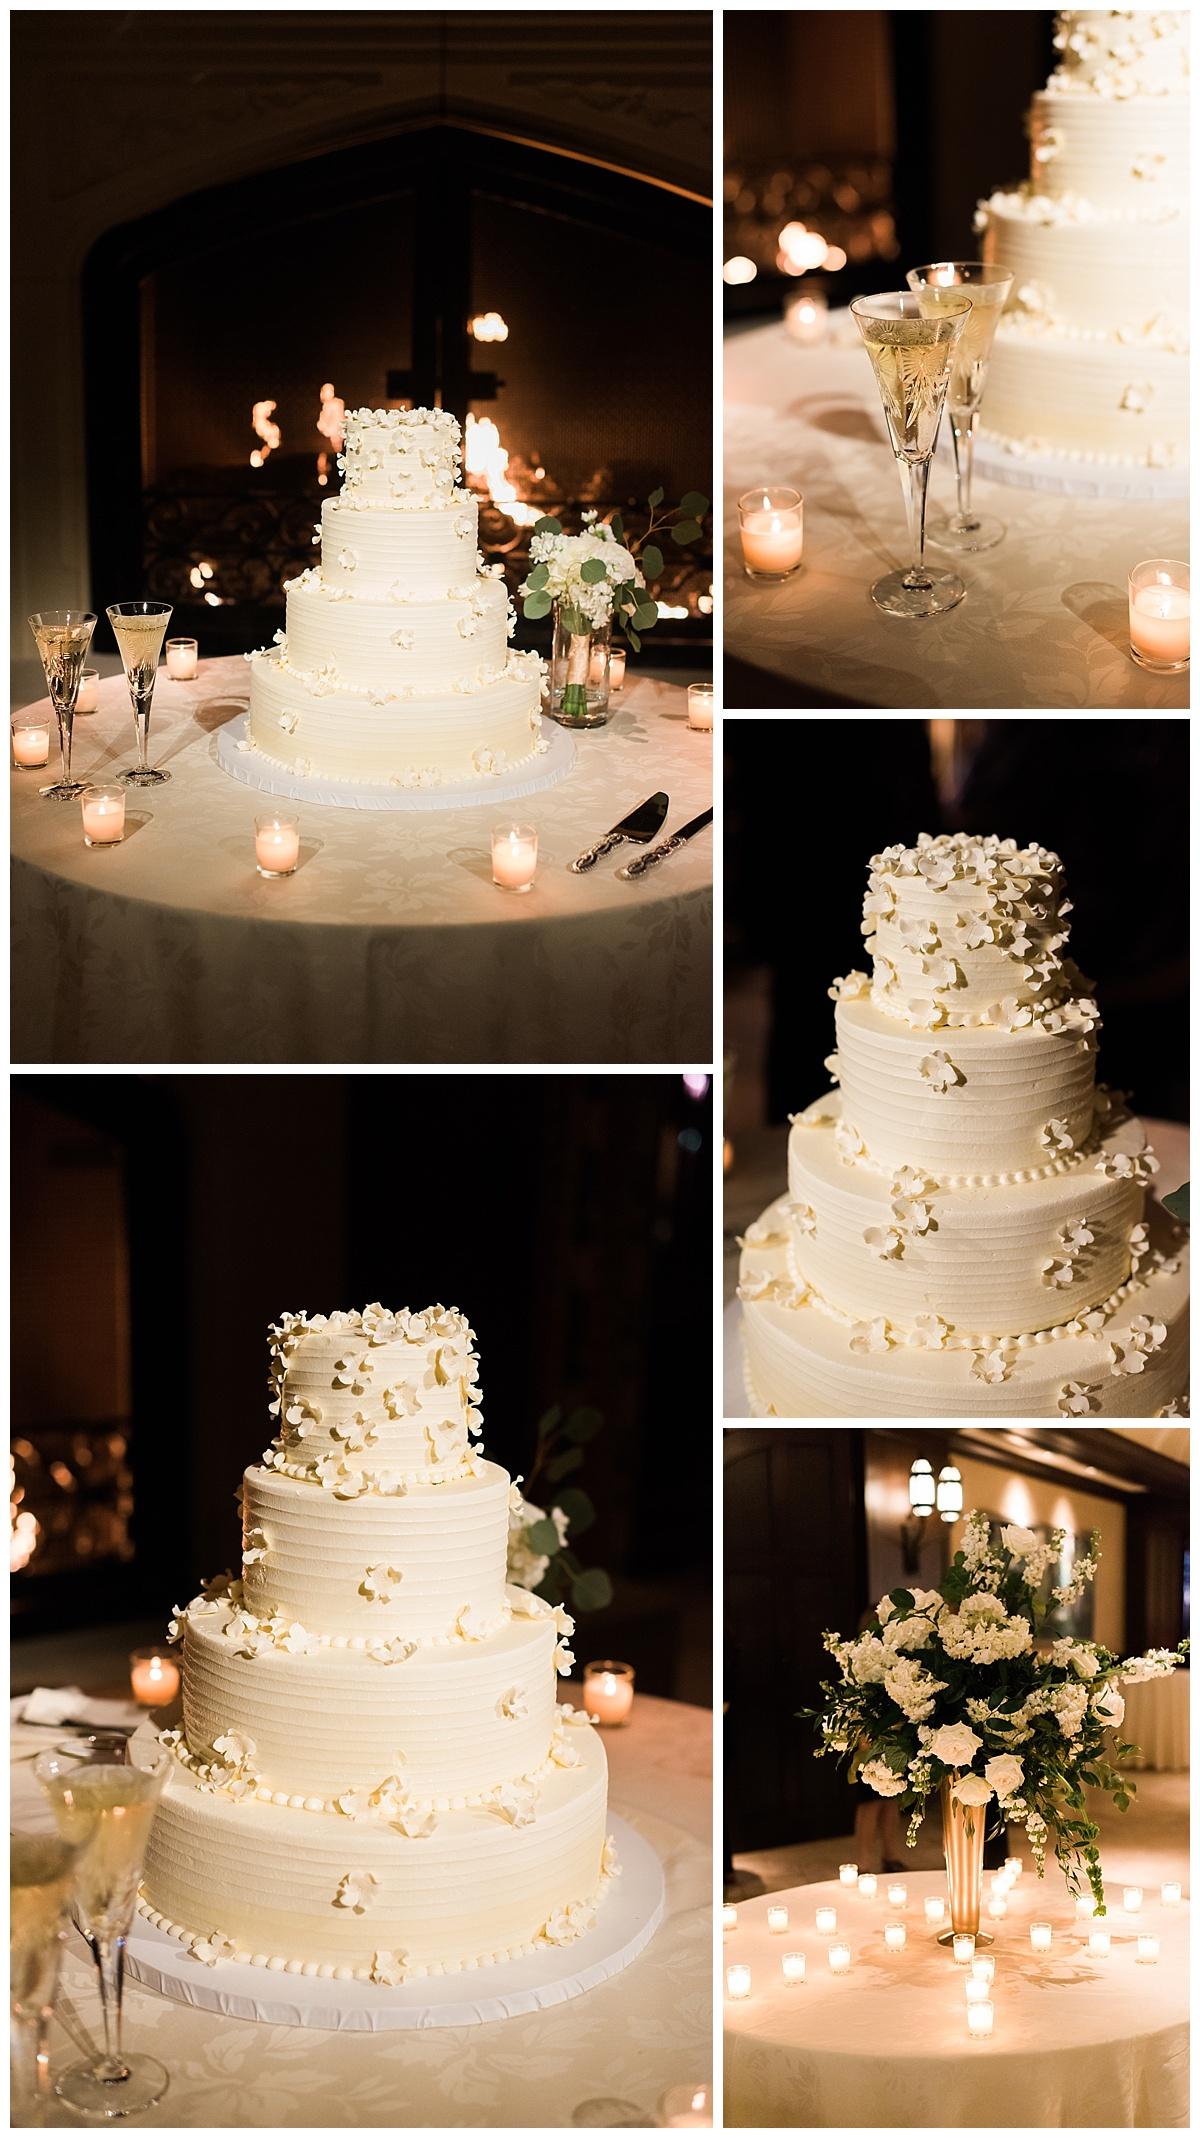 dallas-country-club-wedding-ar-photography-20.jpg